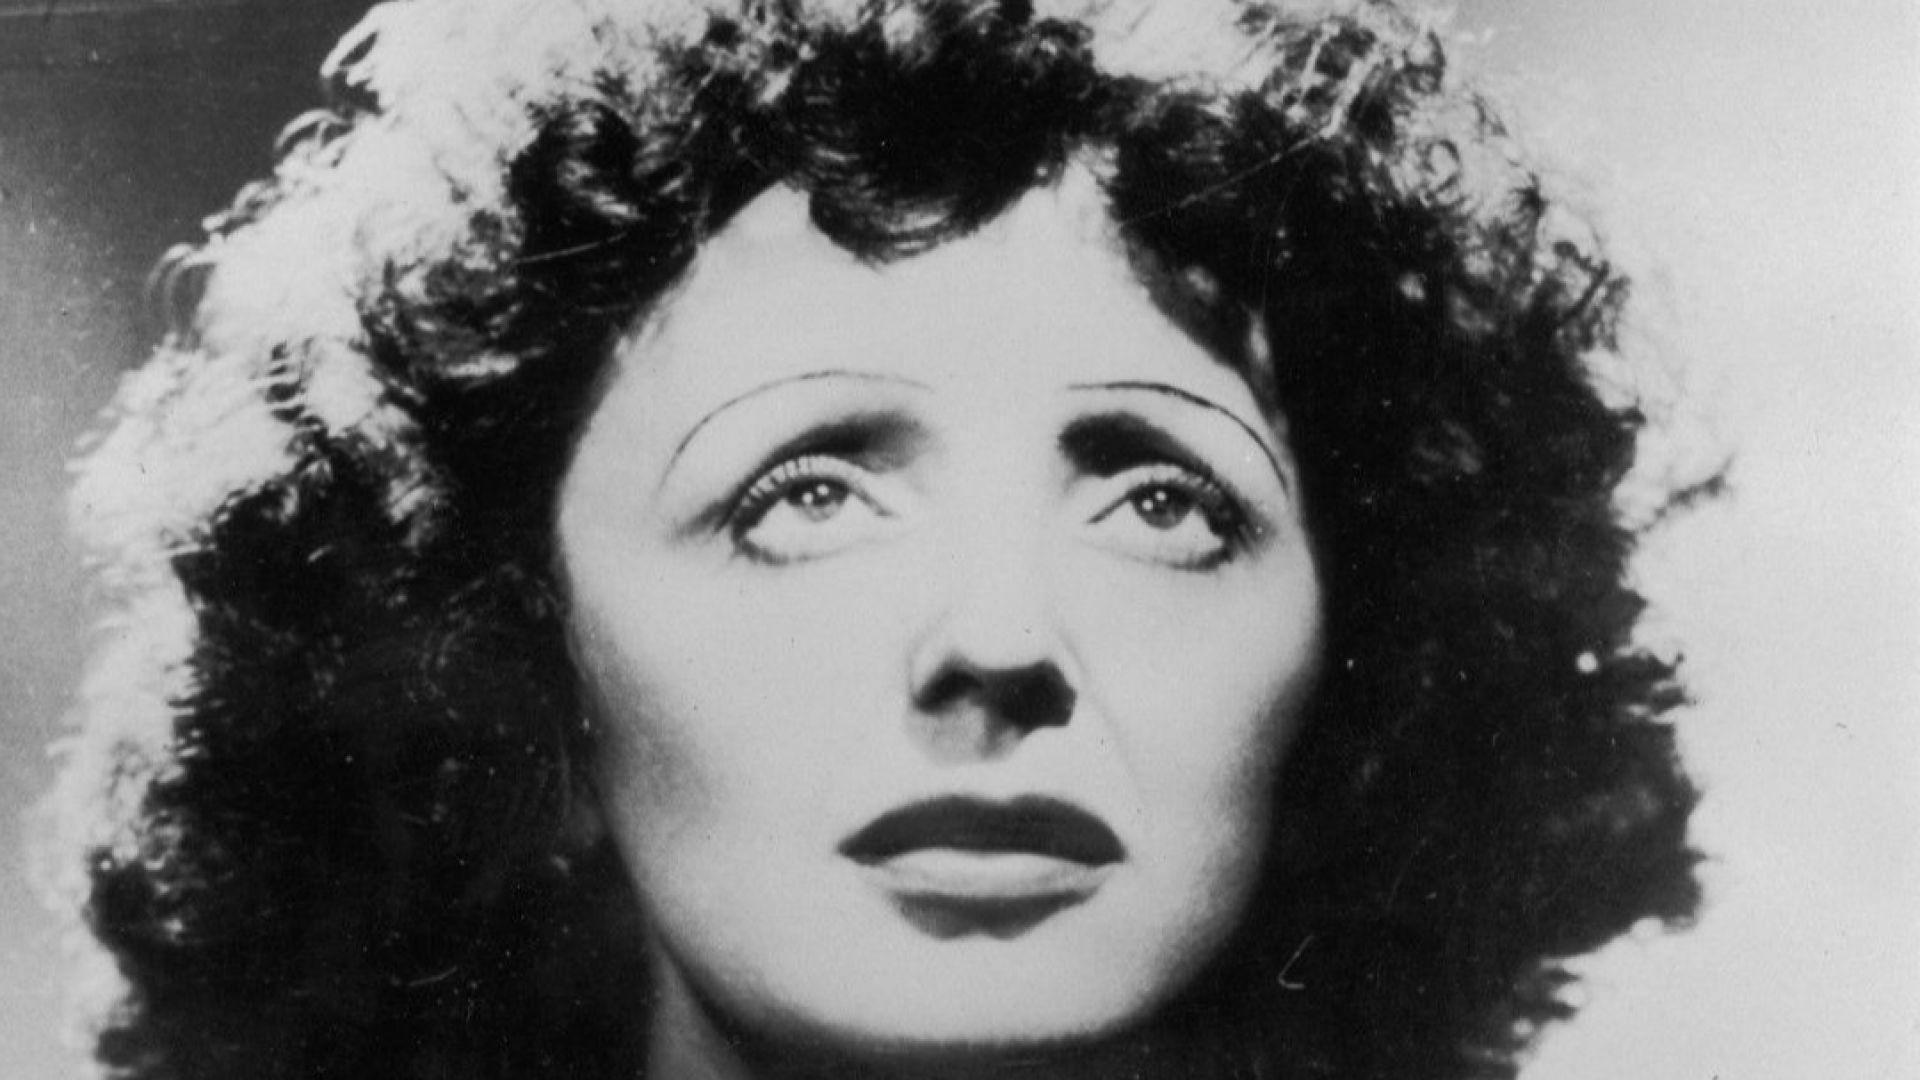 Едит Пиаф, която вдъхна смелост на Париж